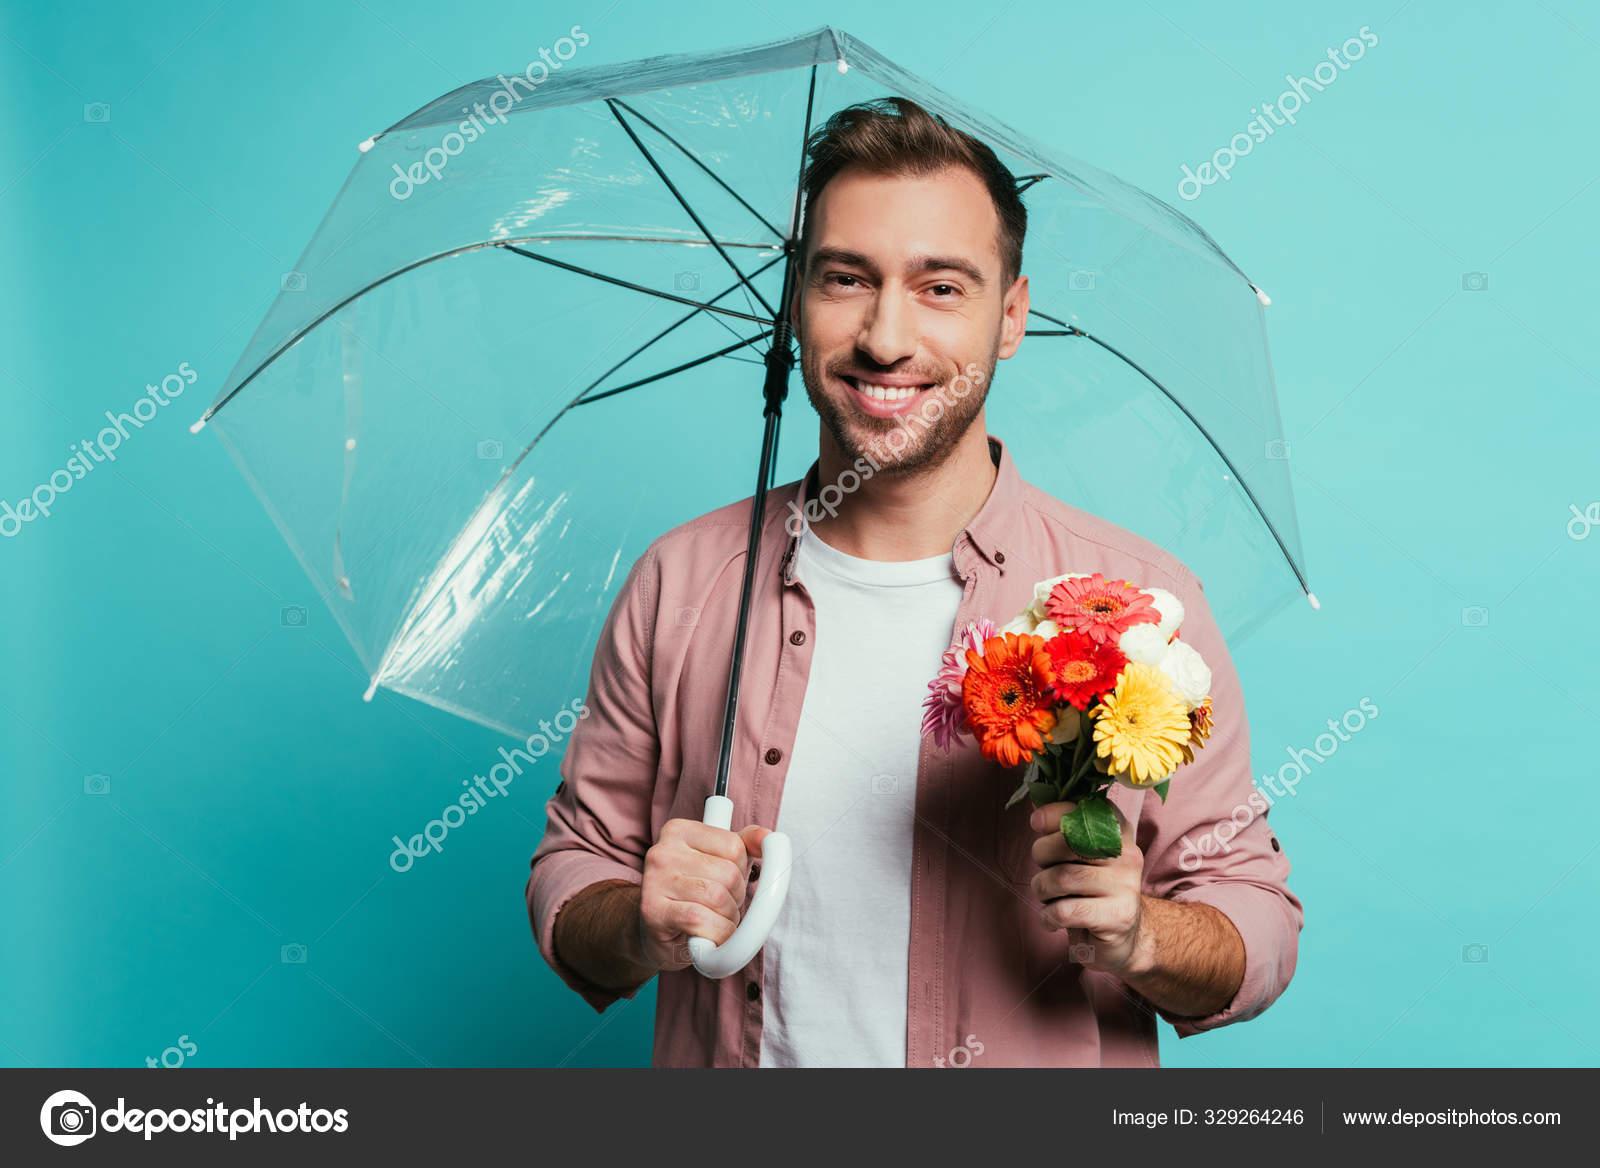 Парень улыбается держи букет за улыбку картинки